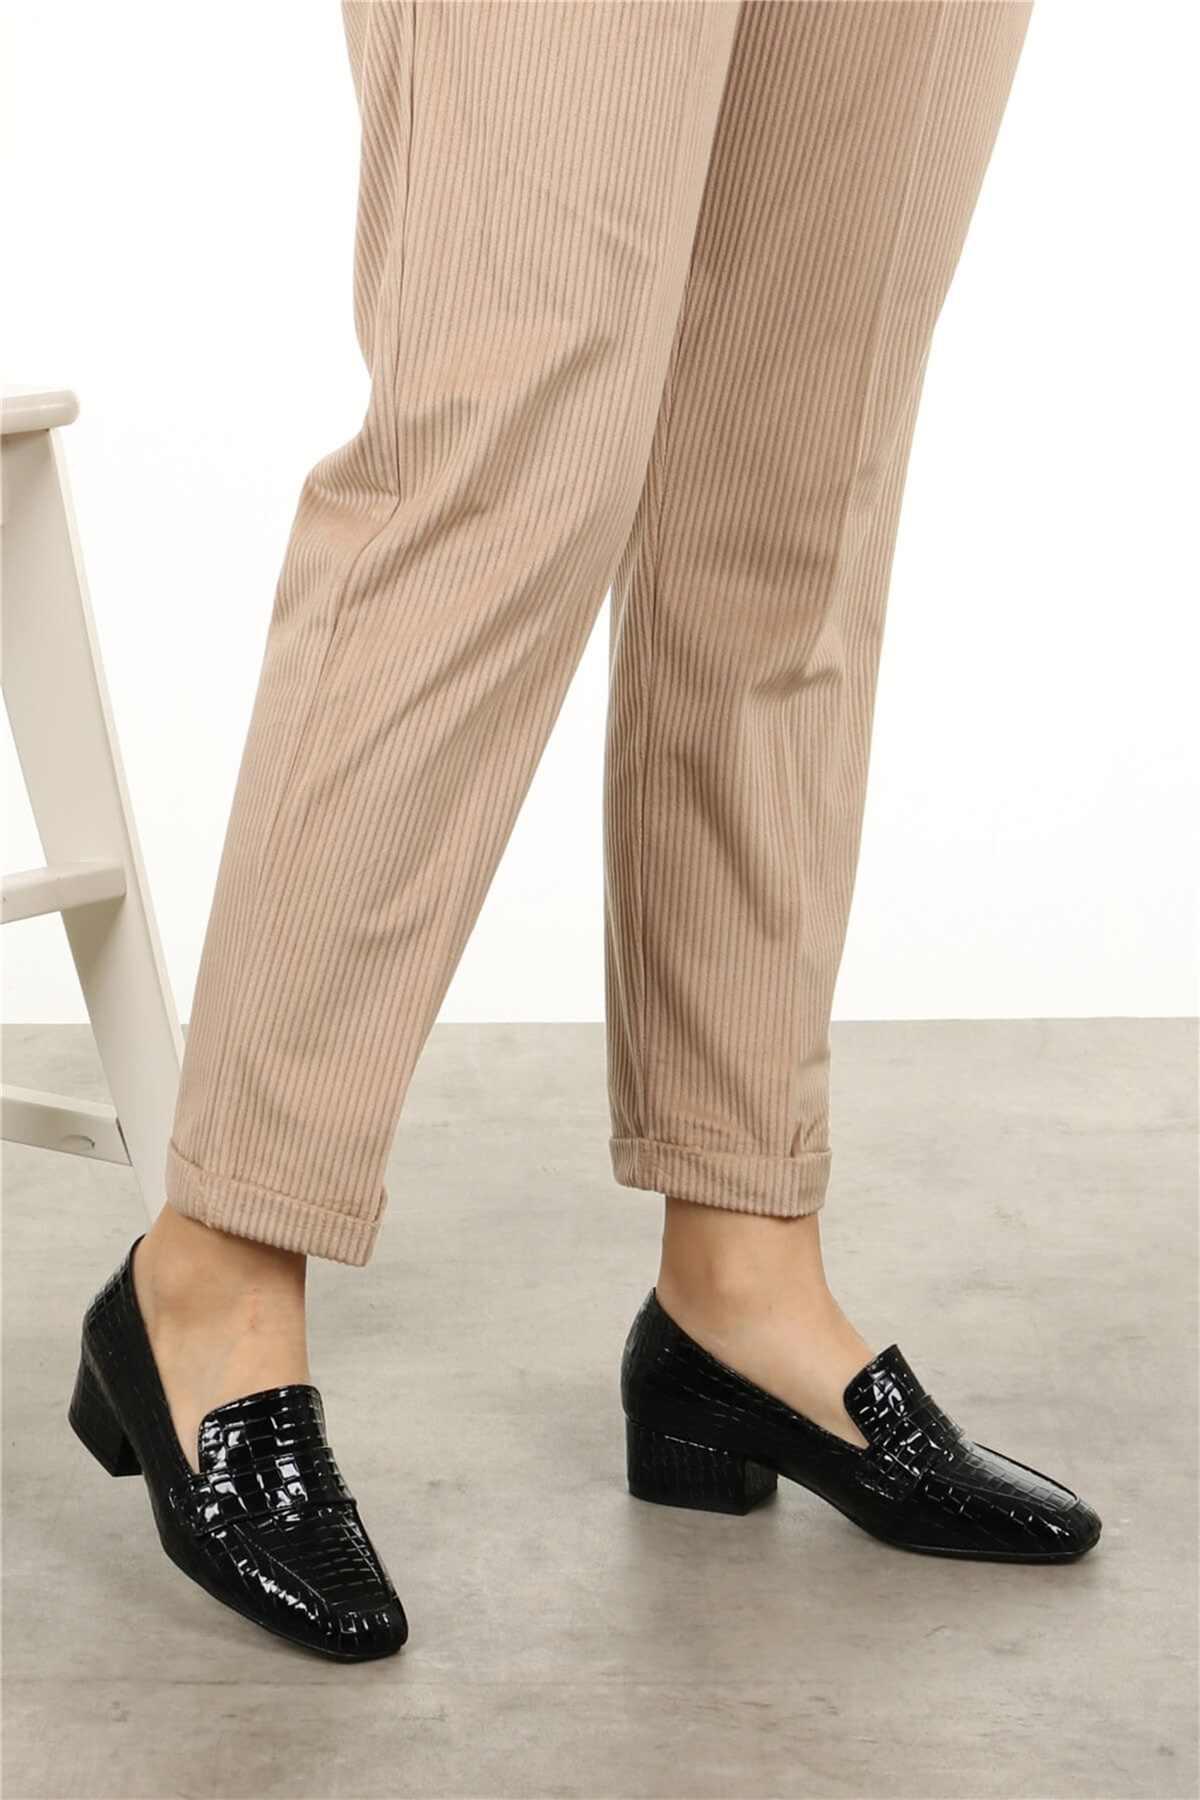 """Maddy Vân Cá Sấu Màu Đen Phong Cách Tân Hải Quân Bột Màu Xanh Giày Cao Gót Nữ Giày Nữ Mũi Nhọn Nữ Sexy Mùa Hè Giày Mujer """"Zapatos Mujer"""